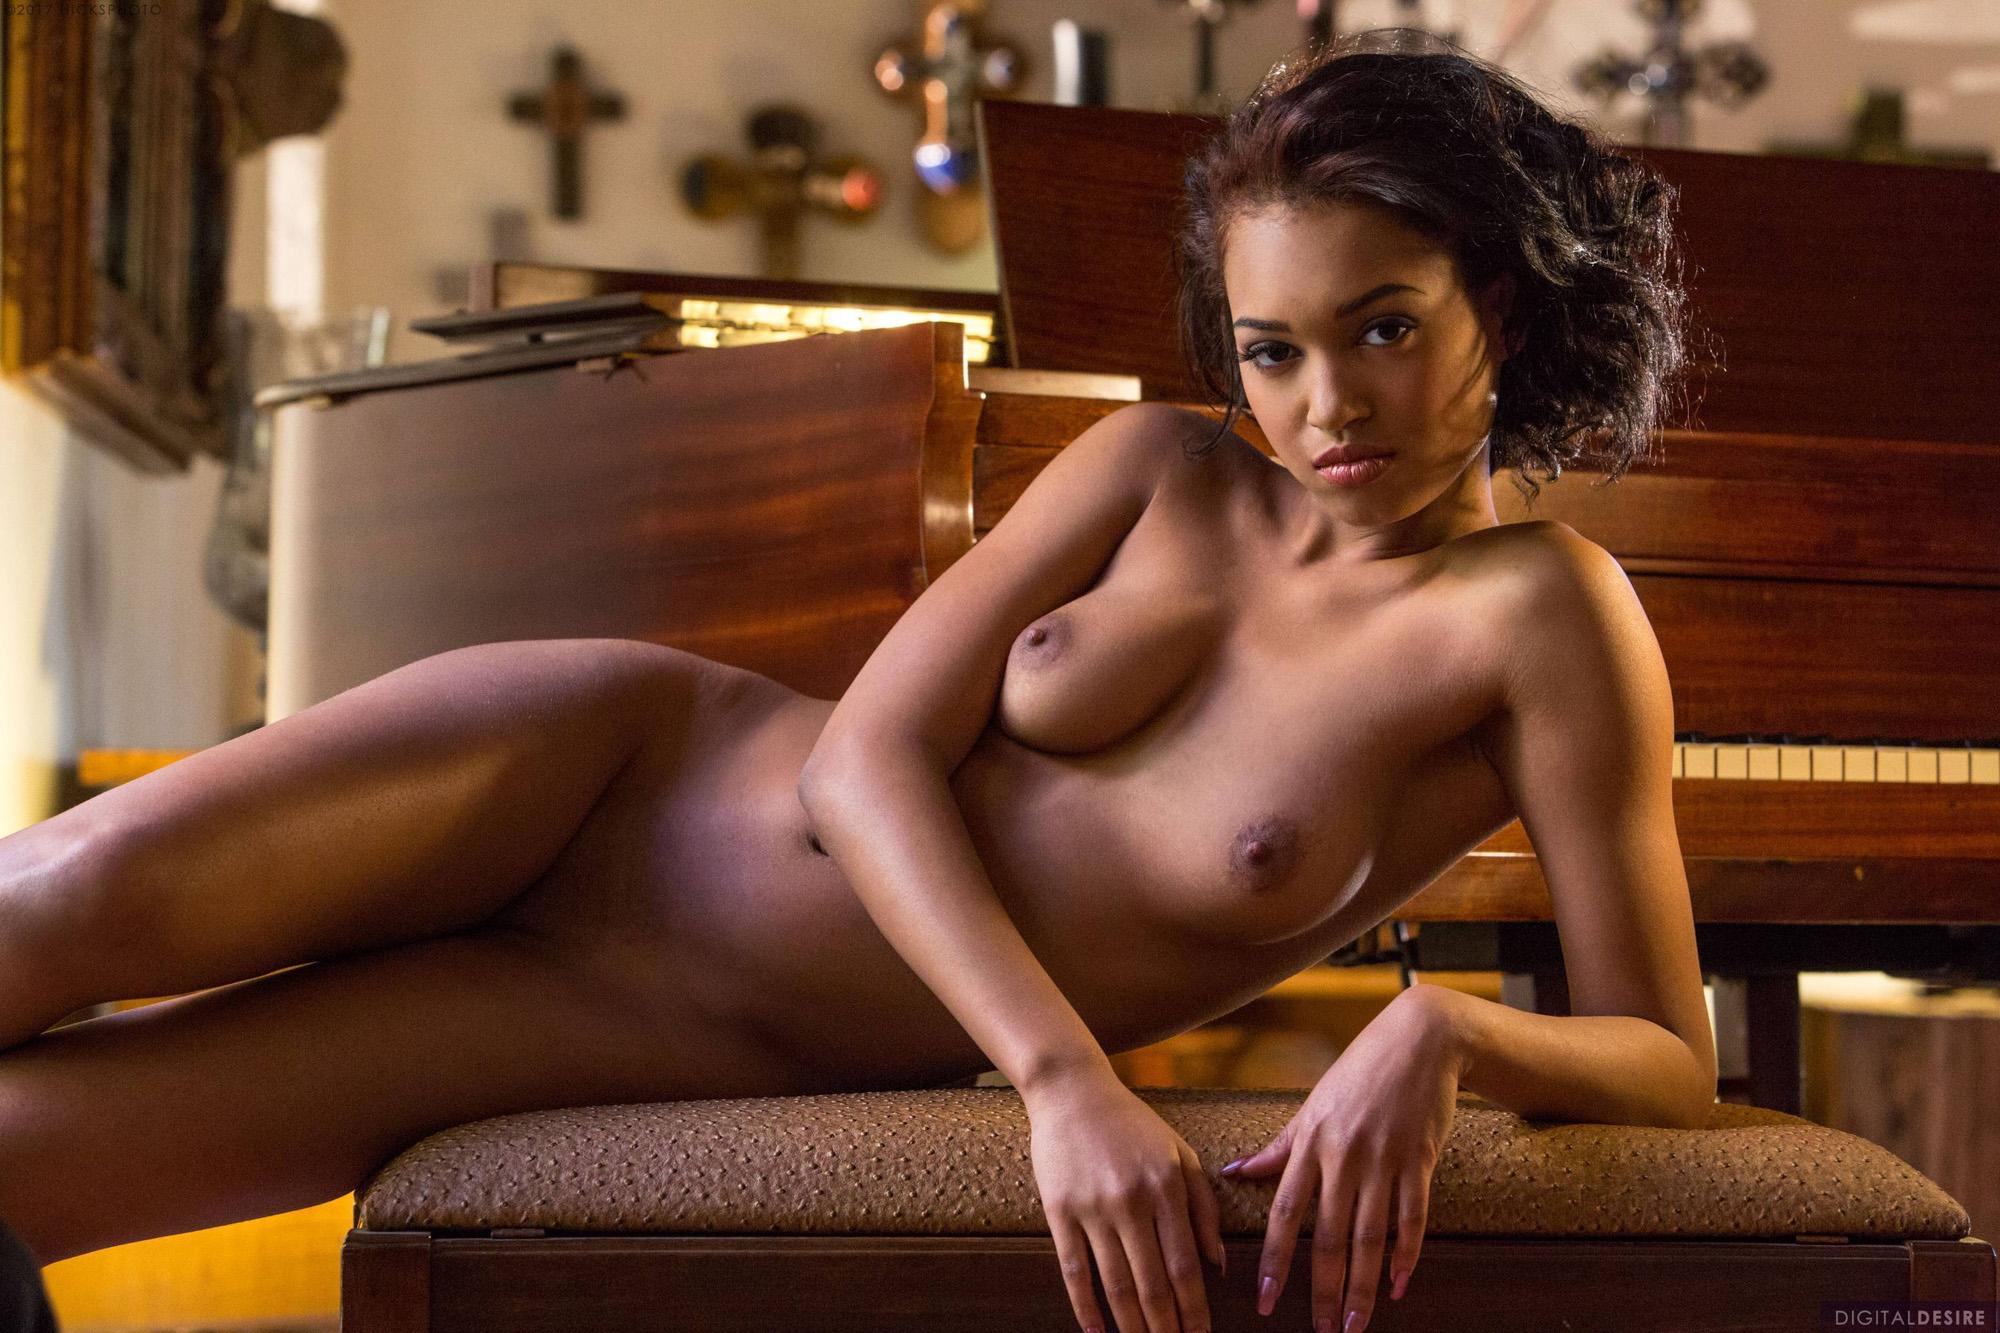 Hot Video Divertenti Nudi